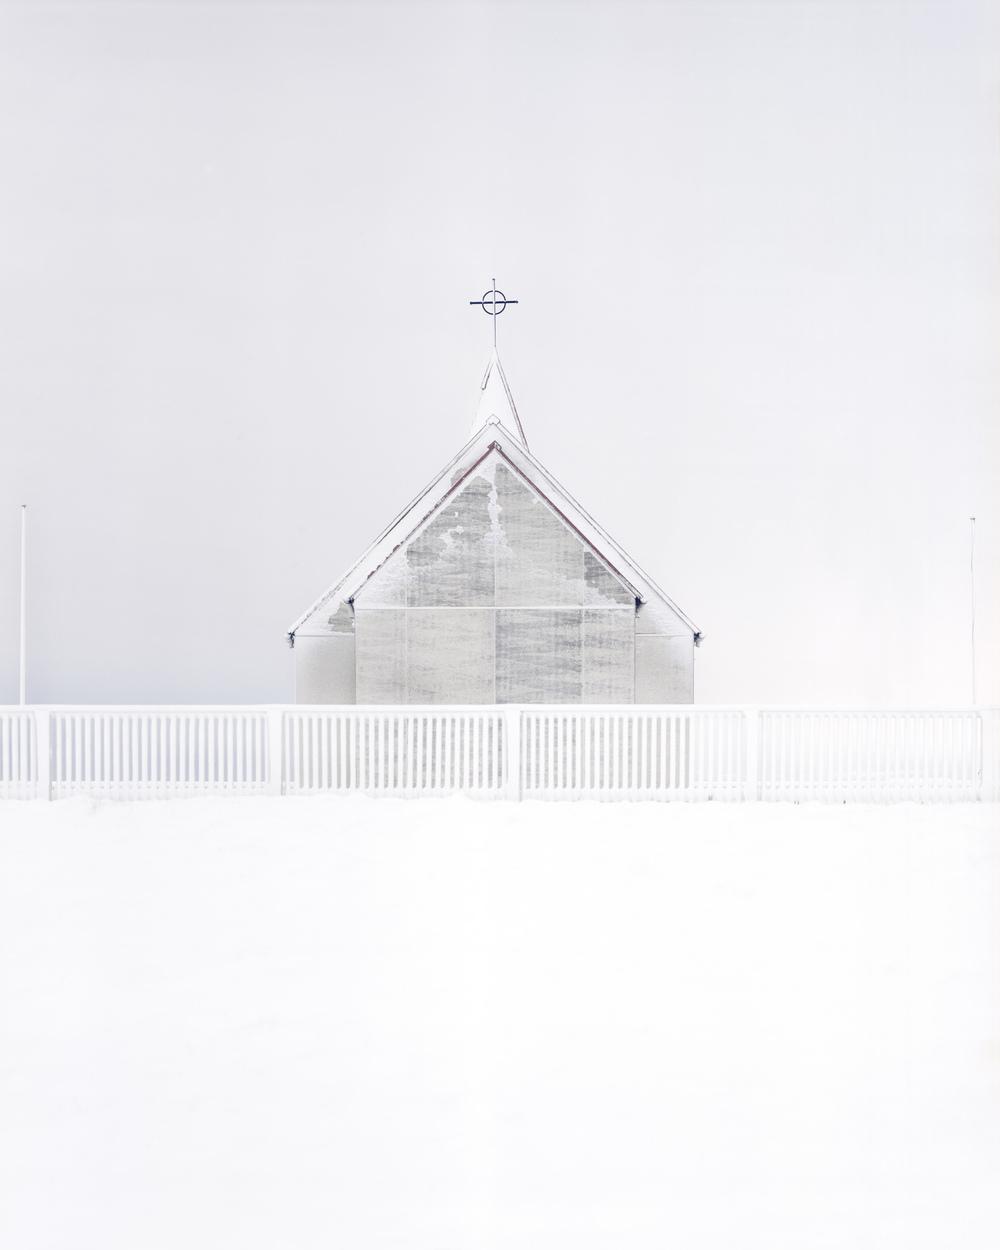 Guðjón's Church #2